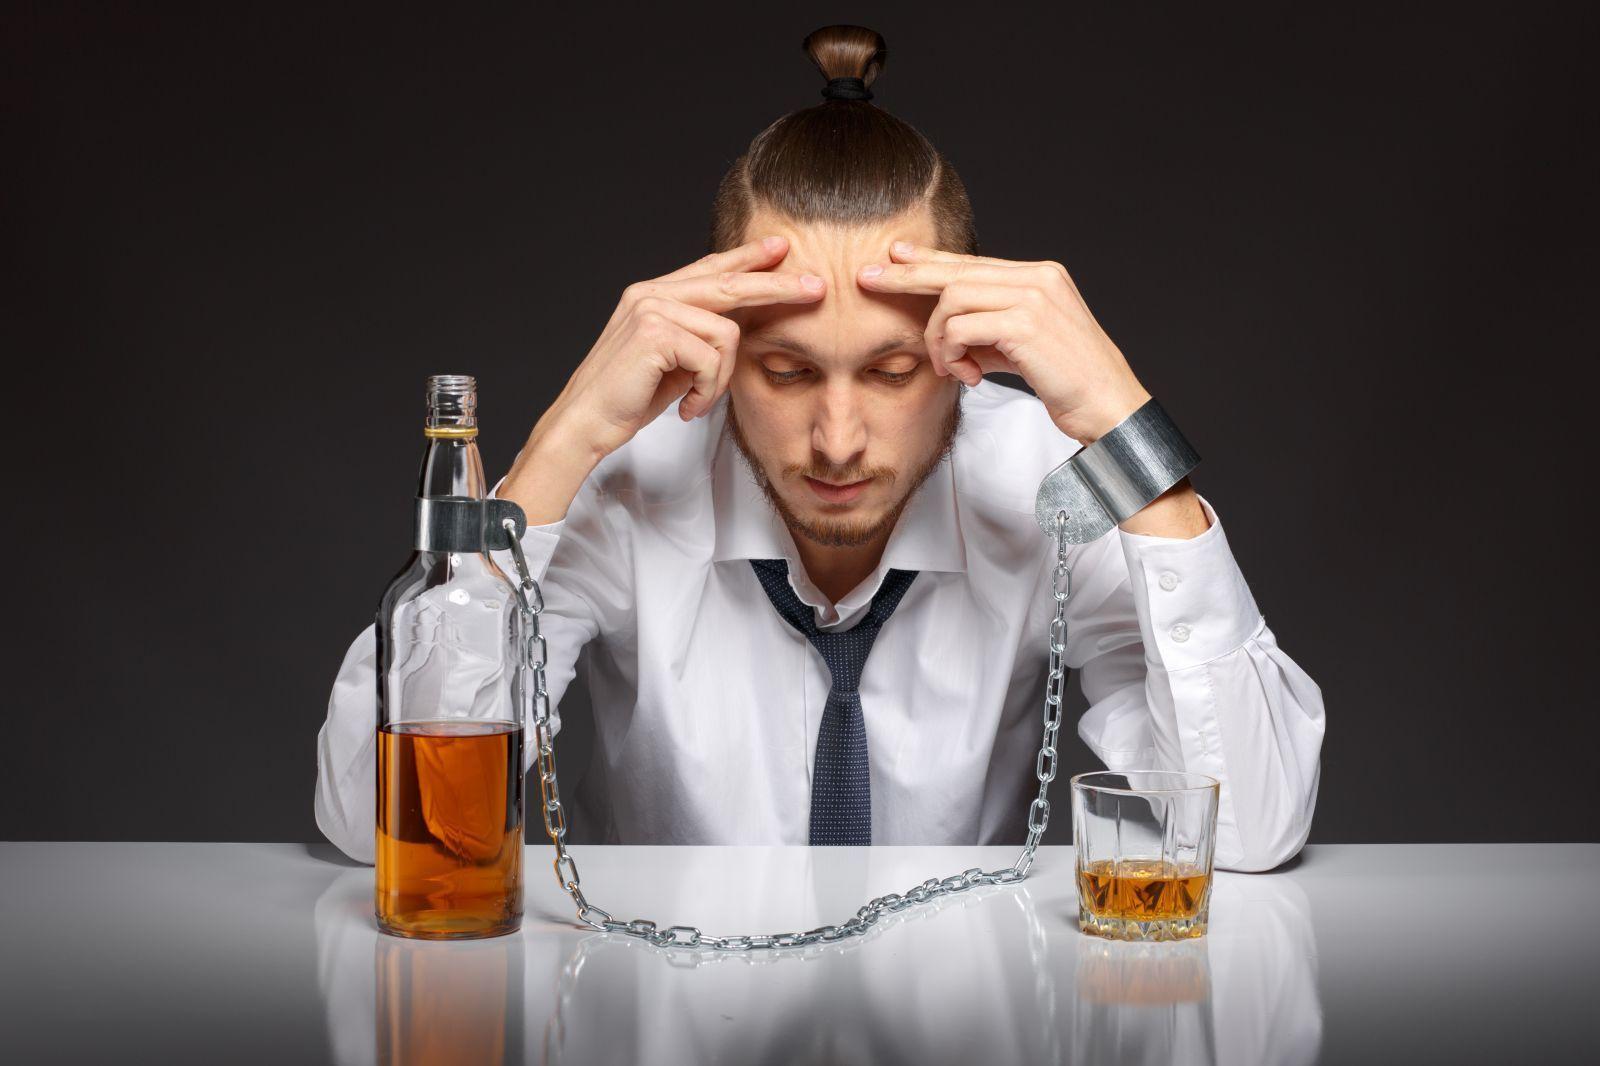 Лечение алкоголизма в Алмате